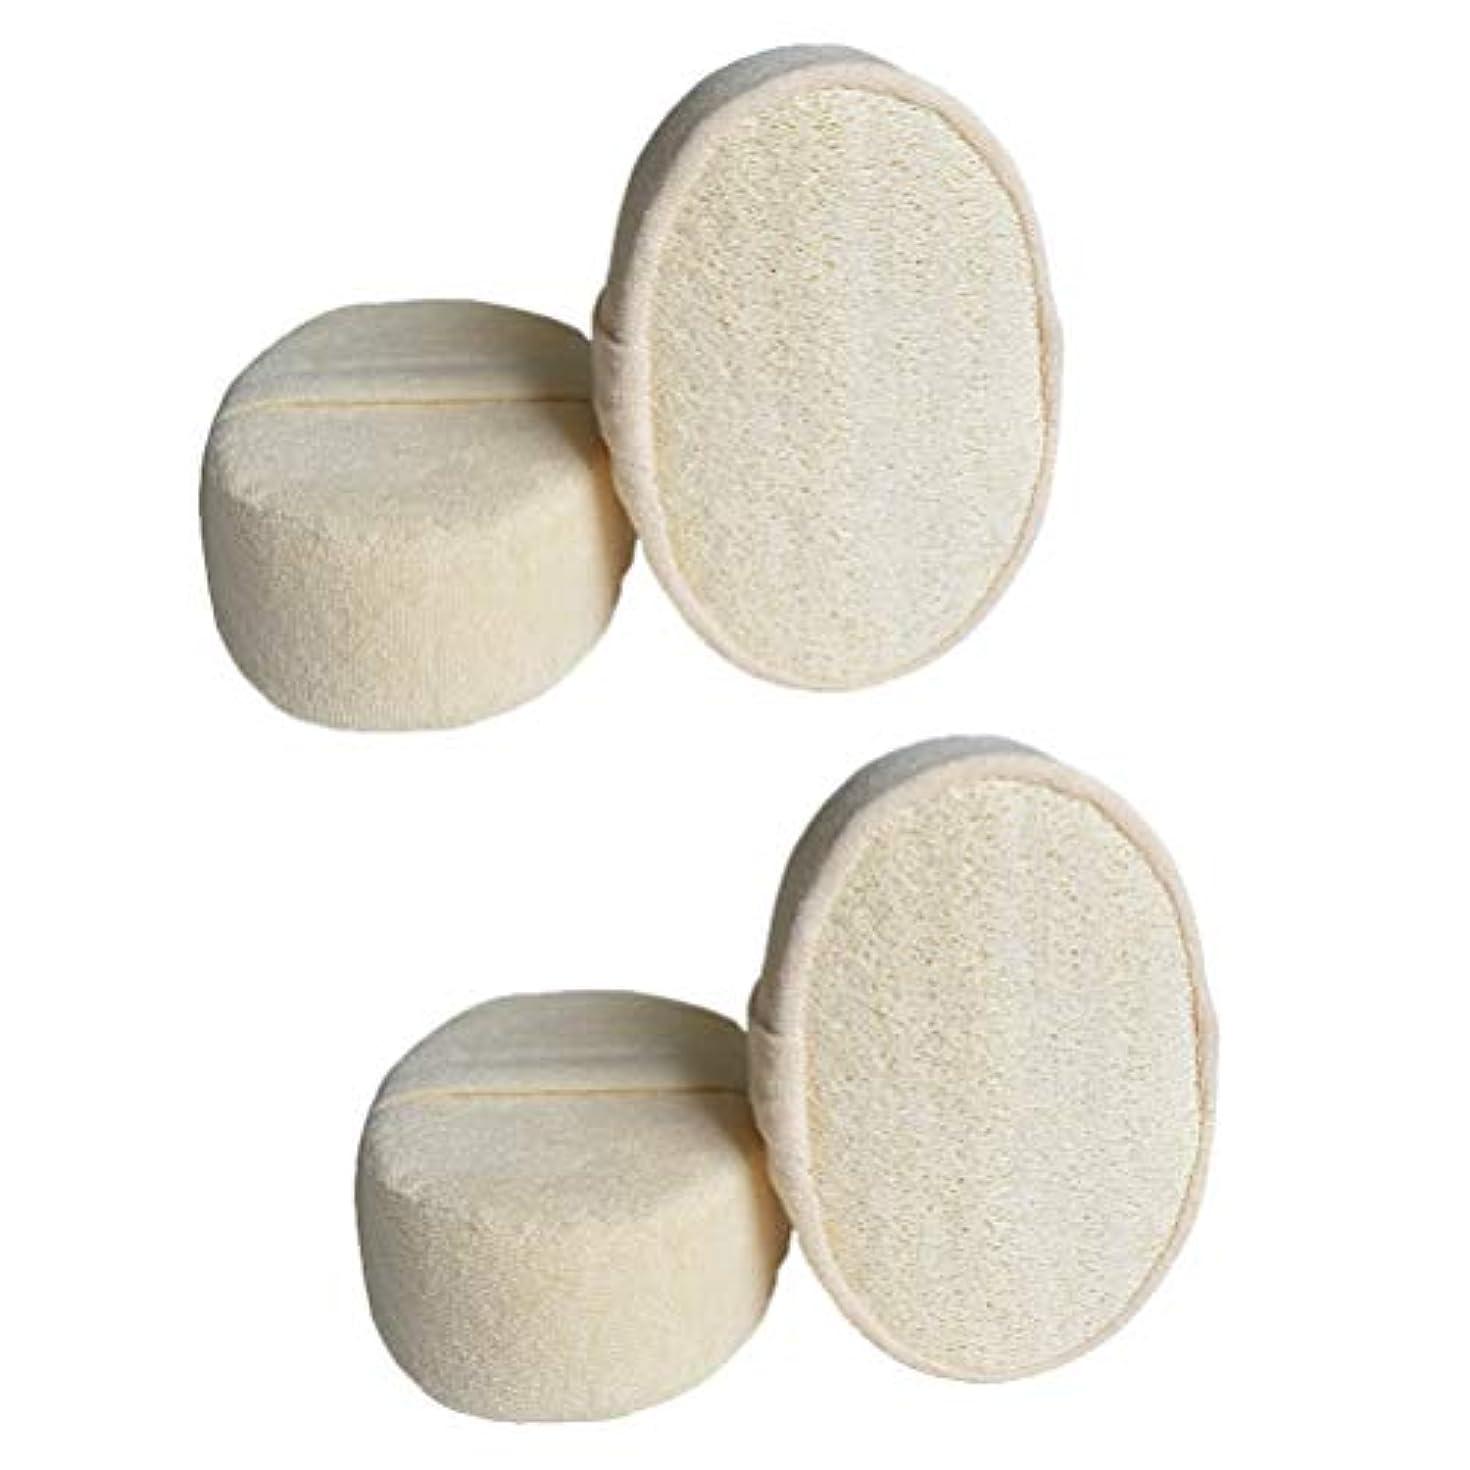 分割カロリークラッシュHealifty 4ピース剥離剥離剤パッドloofaスポンジスクラバーブラシ用風呂スパシャワー